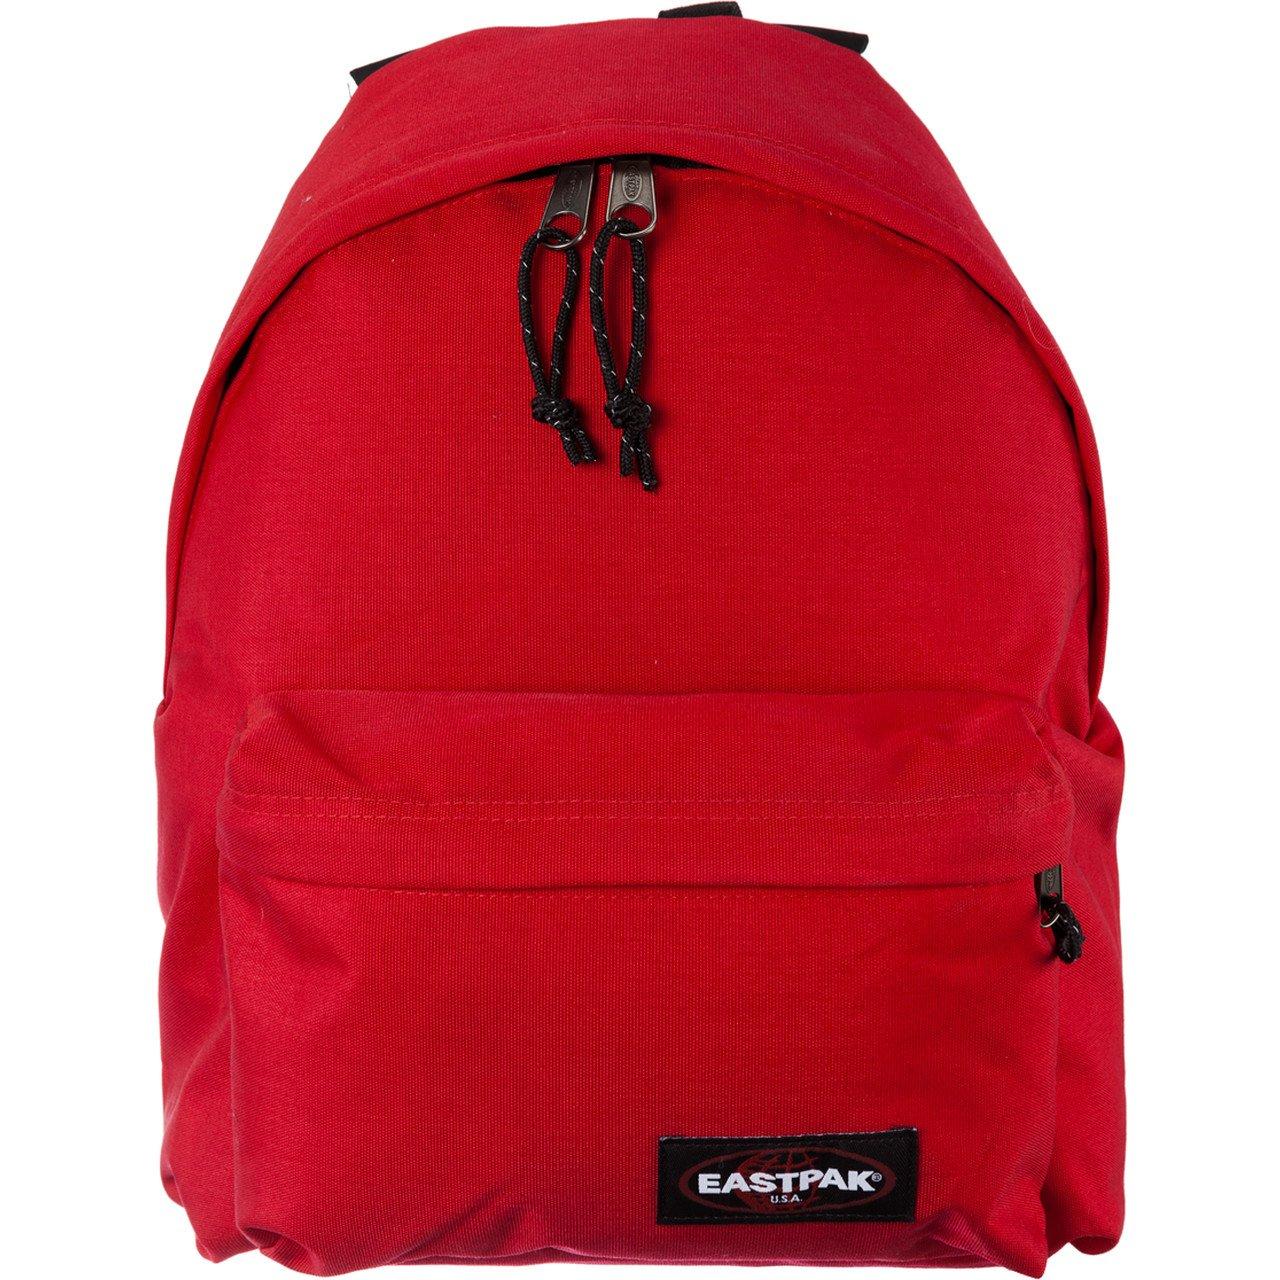 Eastpak Padded Pak R sac à dos EK62013N